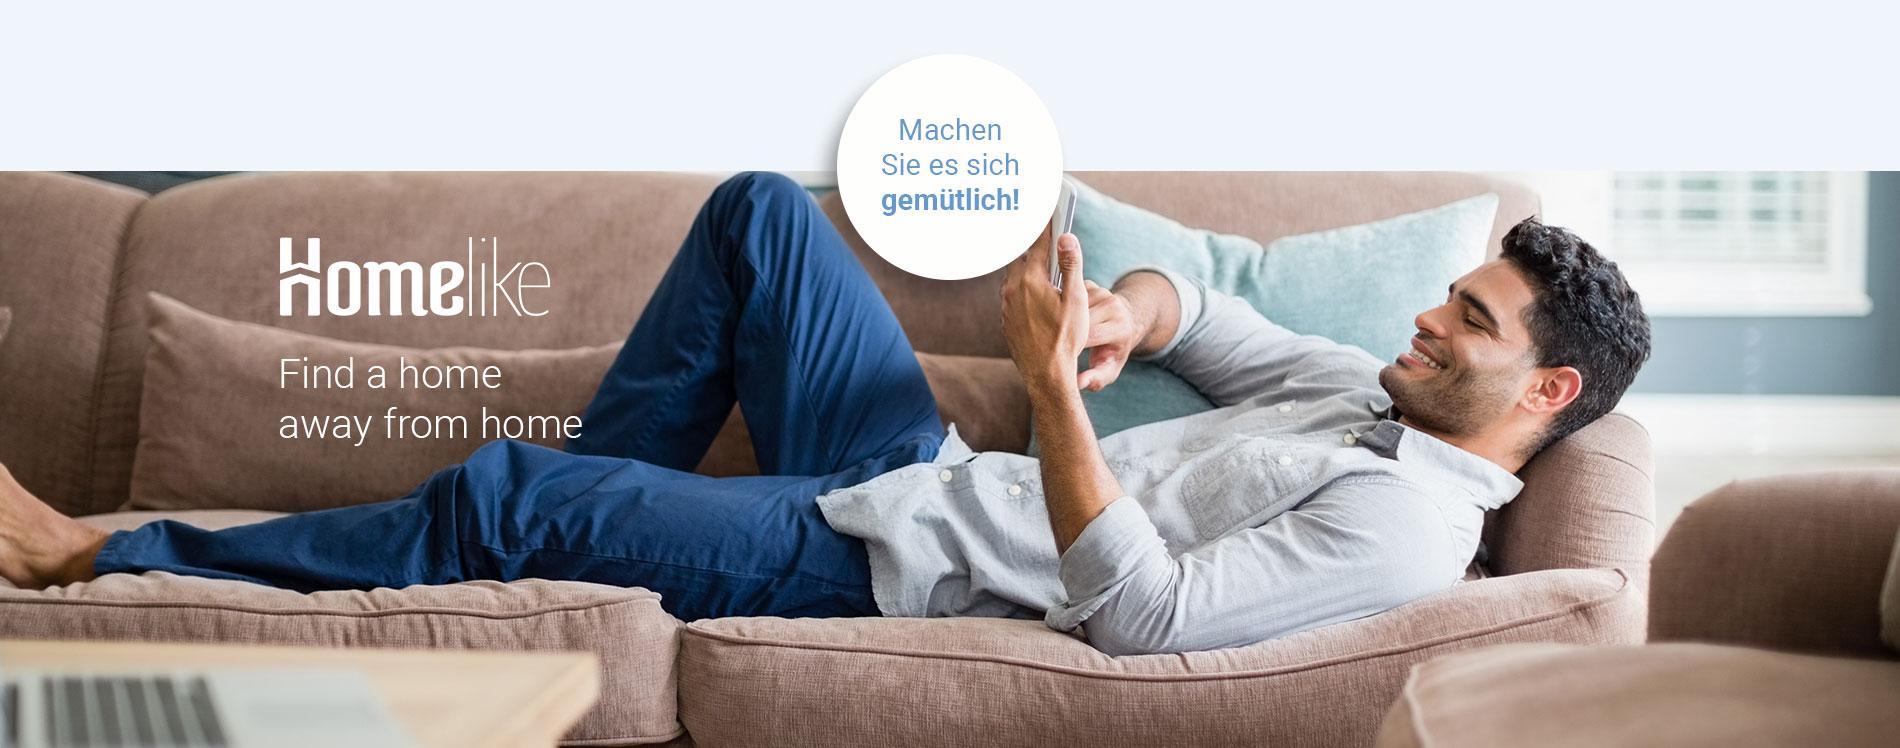 Hier würden Sie einen Geschäftsreisenden sehen, der es sich auf der Couch in seinem möblierten Apartment von Homelike gemütlich macht